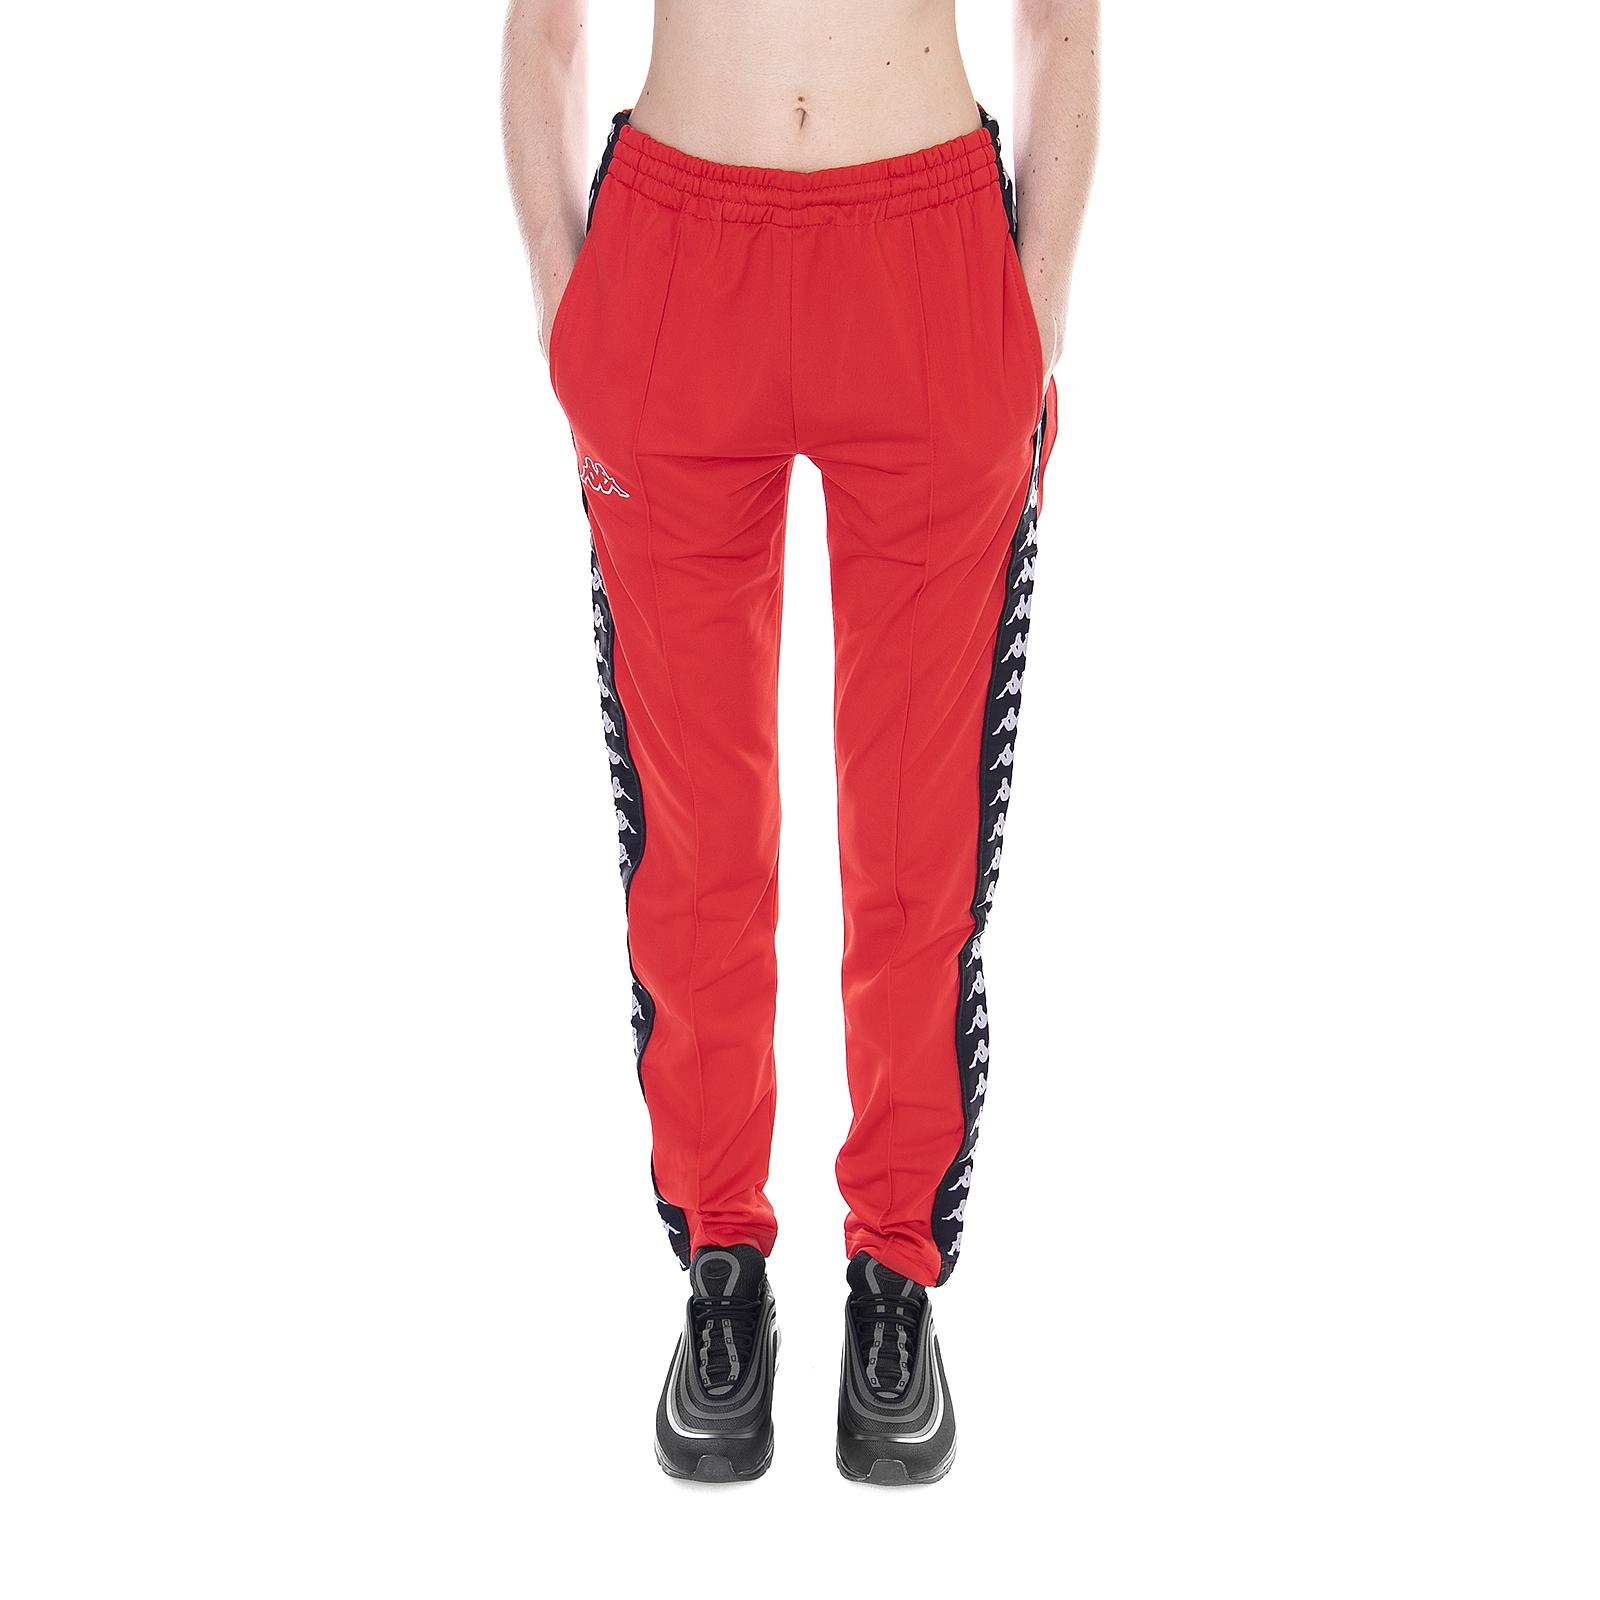 économiser afd62 3ec76 Détails sur Kappa Pantalon 222 Bande Wastoria Snaps Slim rouge-noir